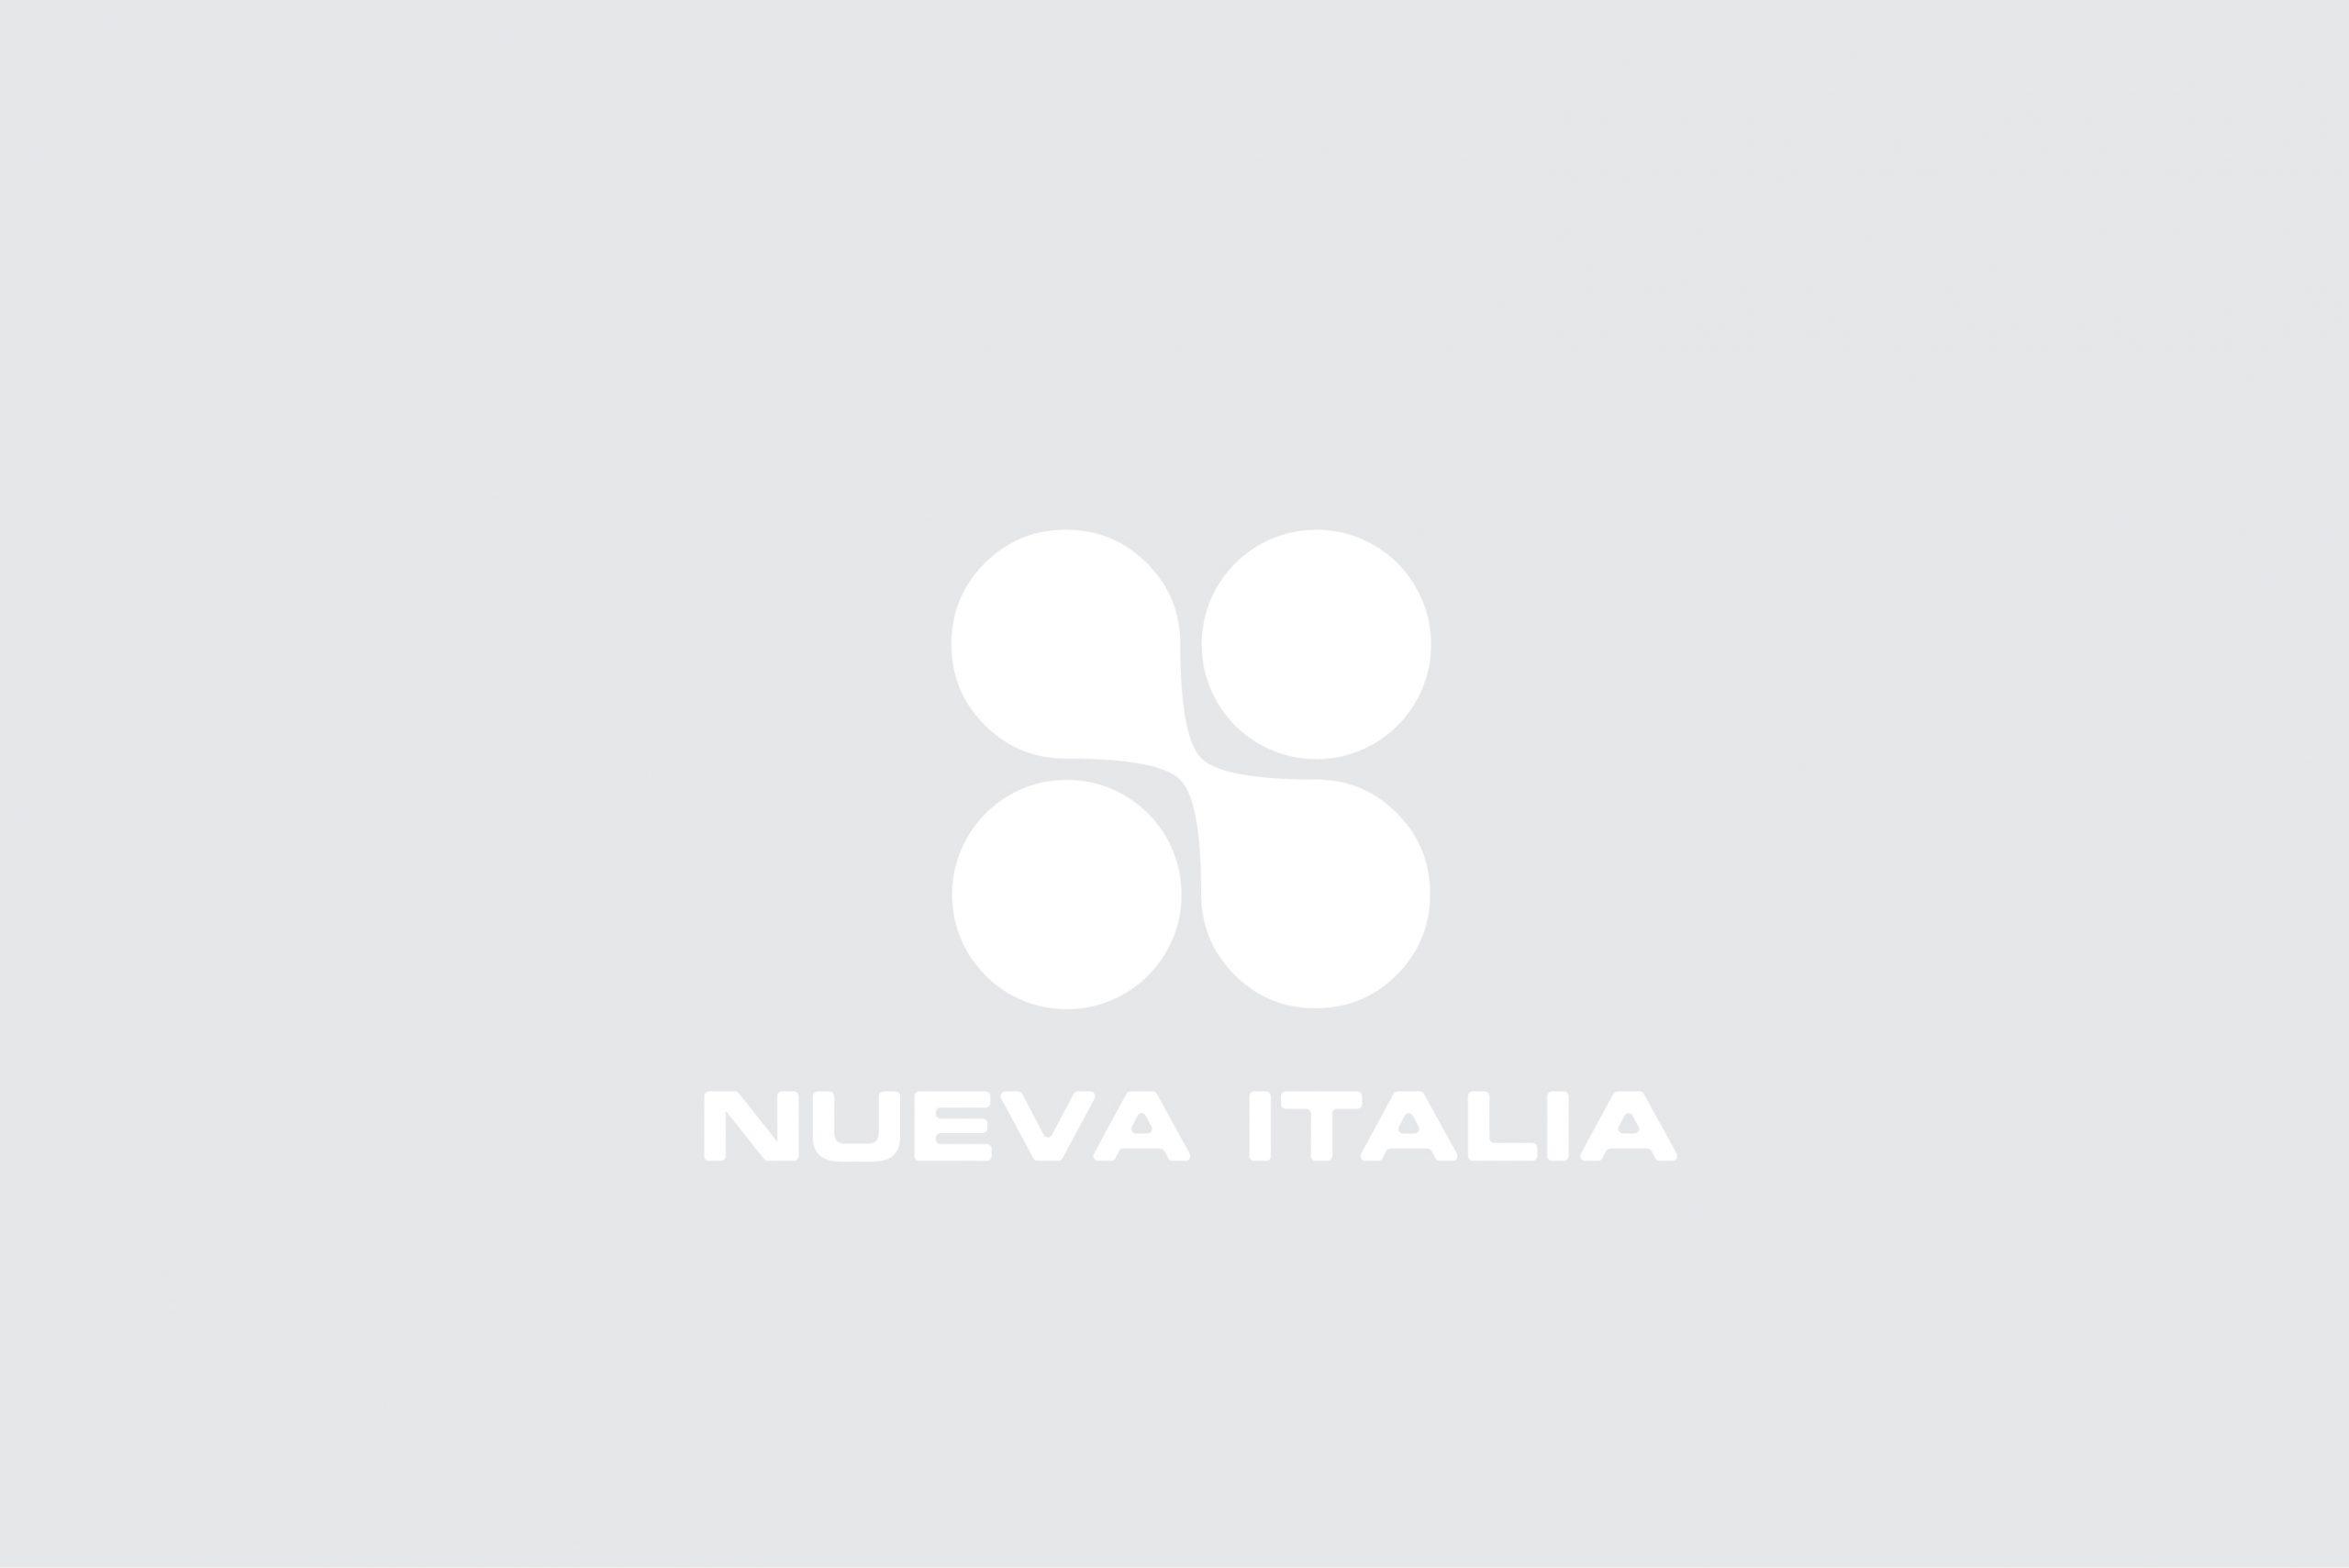 Nueva Italia-01